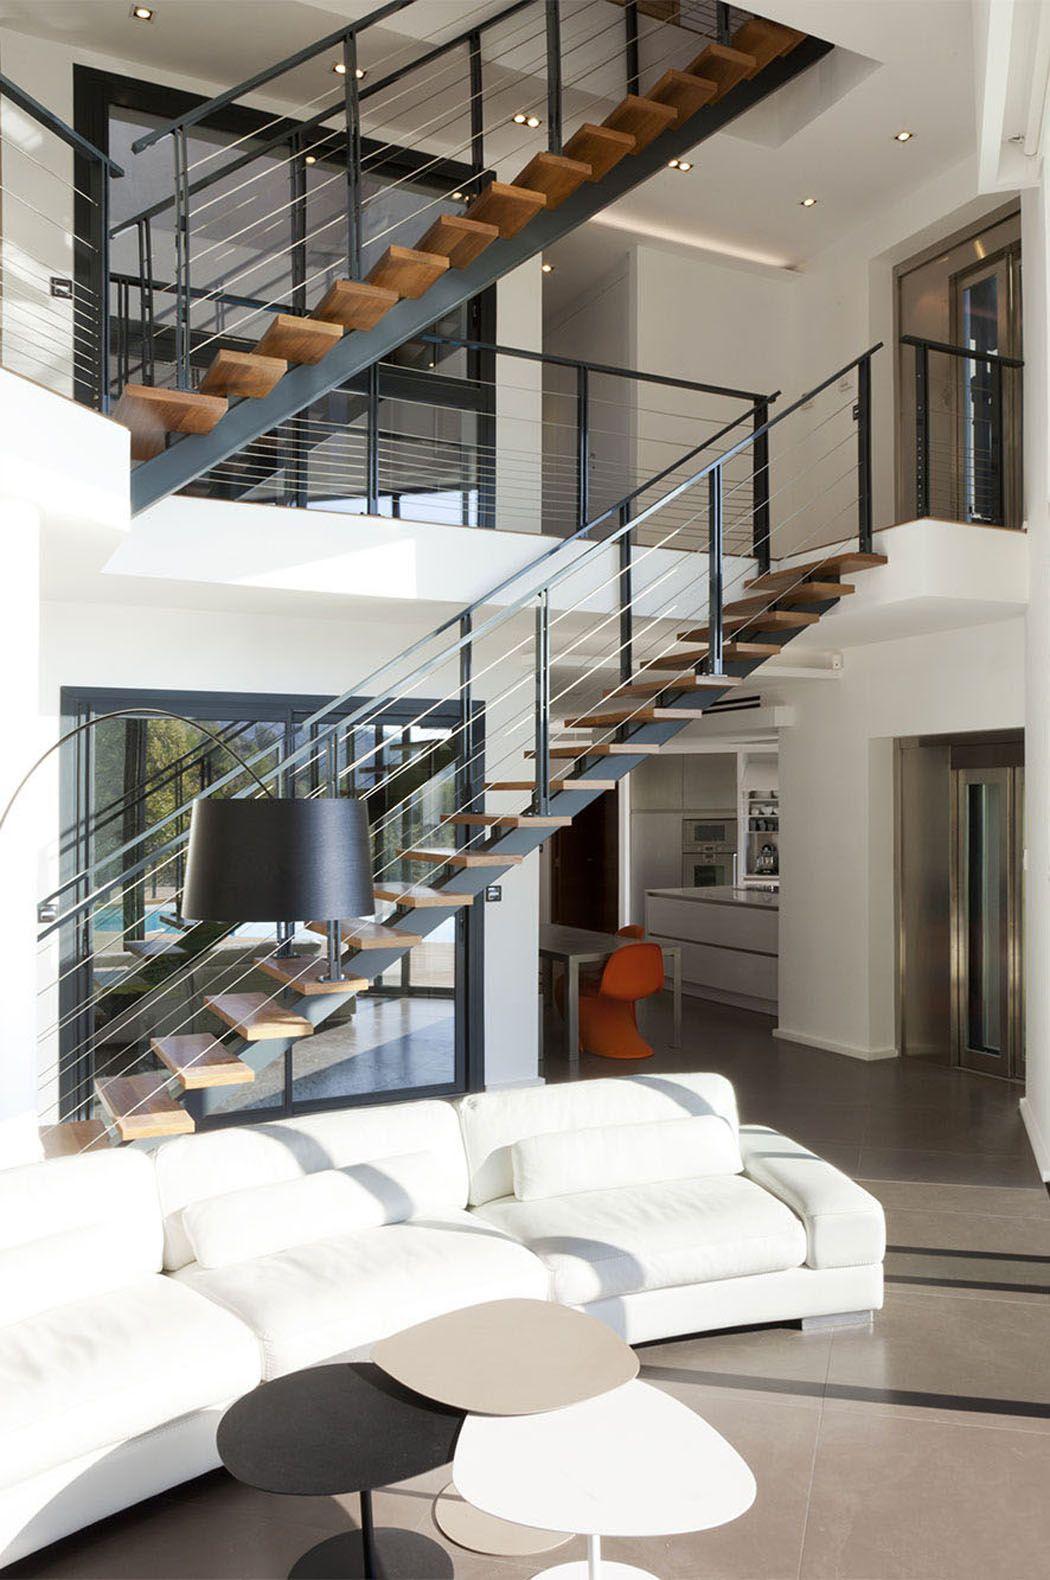 rsultat de recherche dimages pour maison architecte interieur